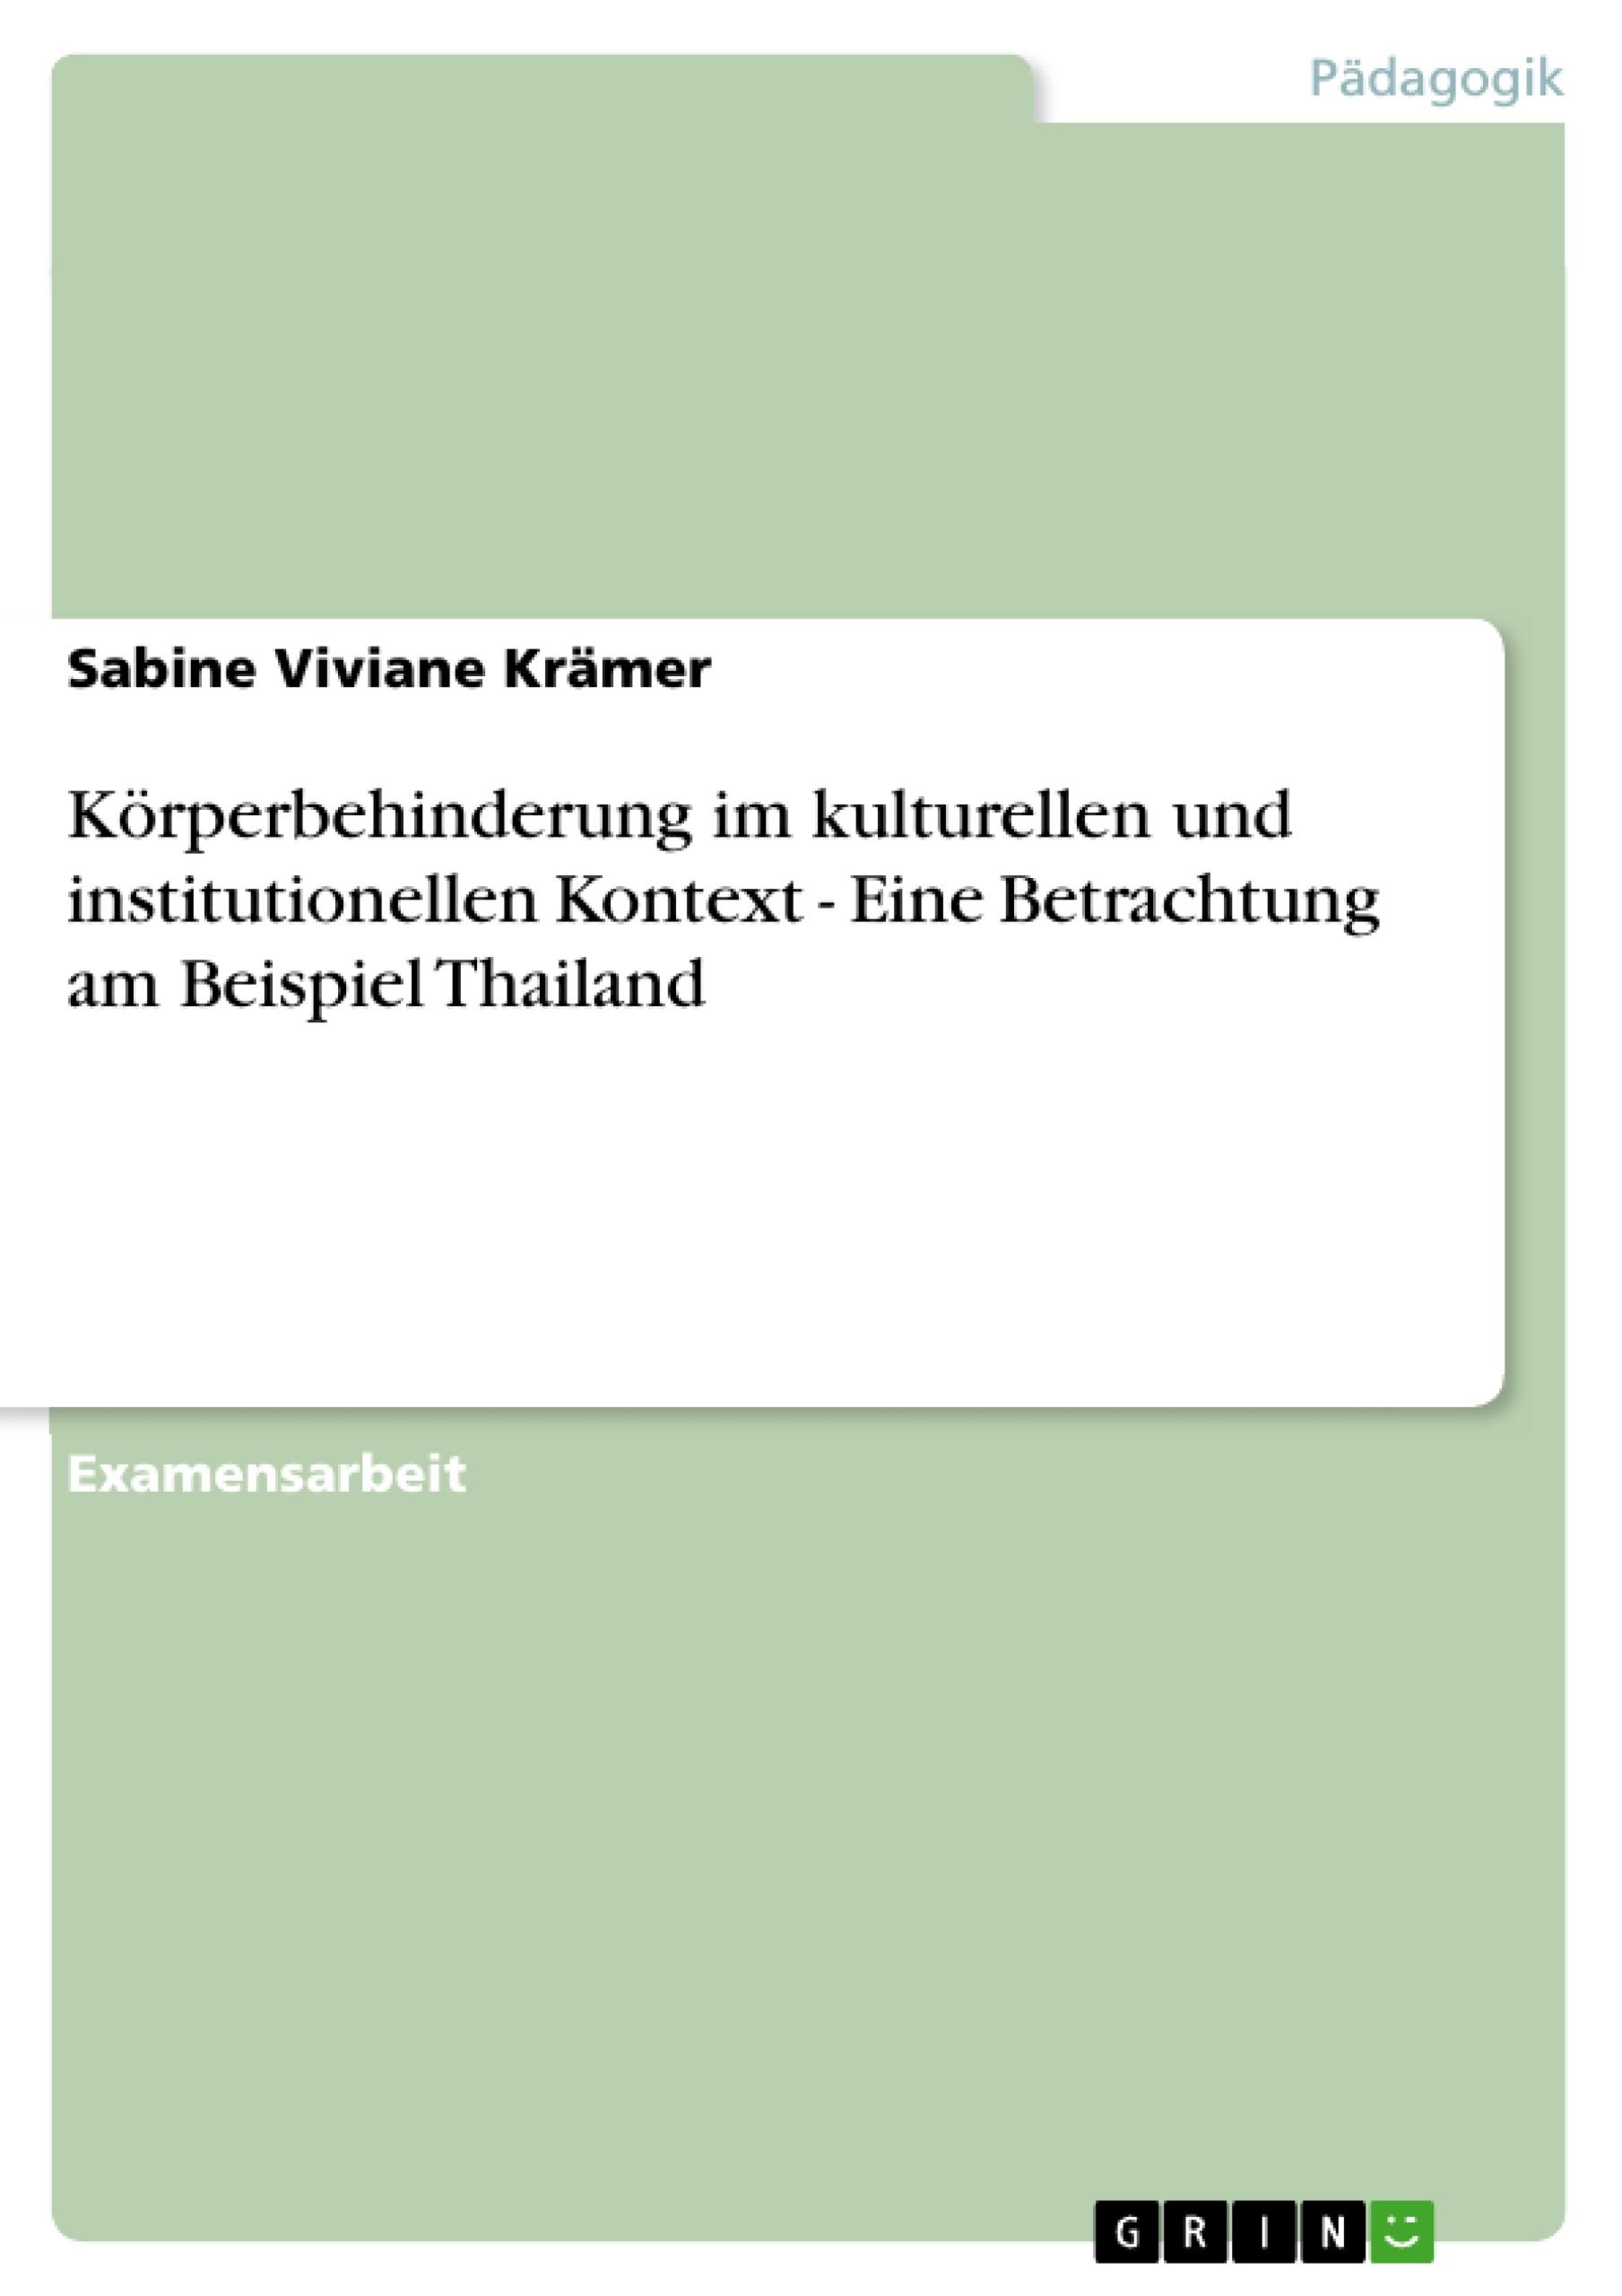 Titel: Körperbehinderung im kulturellen und institutionellen Kontext - Eine Betrachtung am Beispiel Thailand